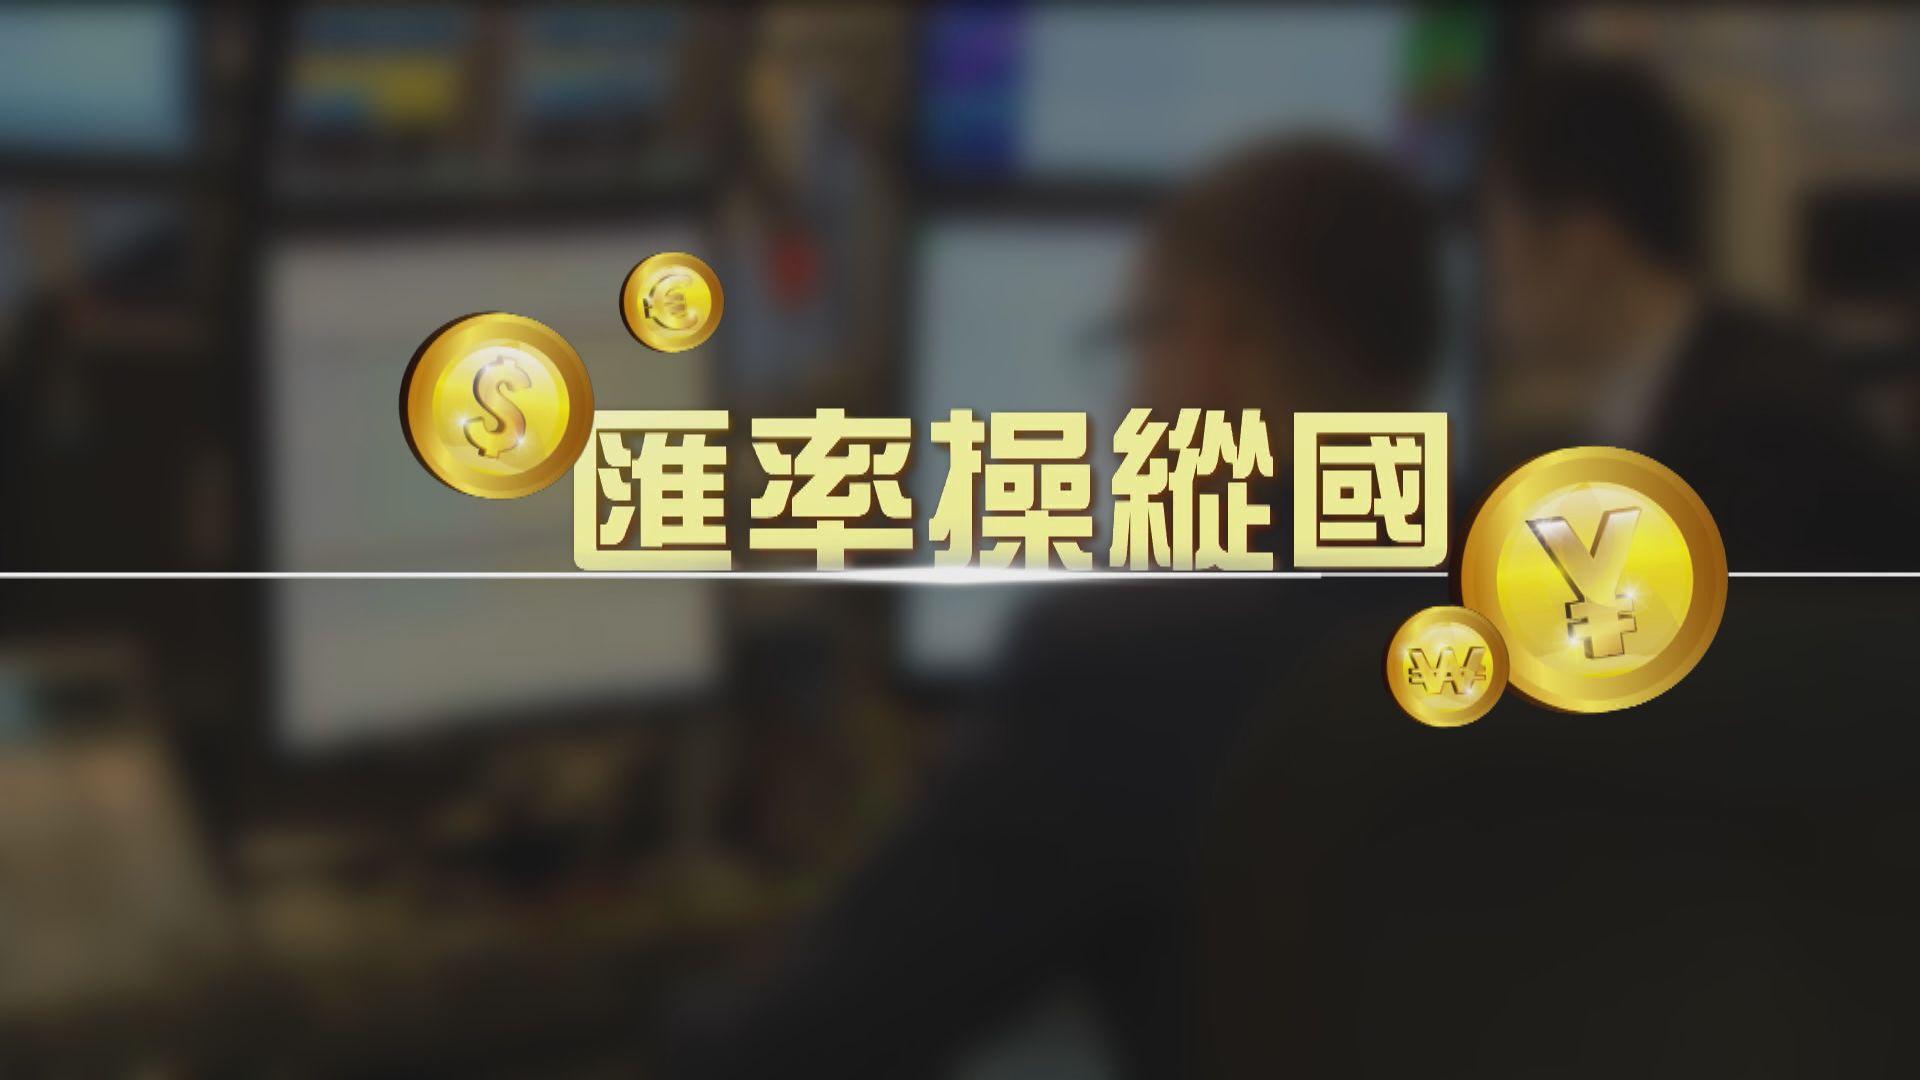 【新聞智庫】中國被列為匯率操縱國 中美貿易戰再升級?